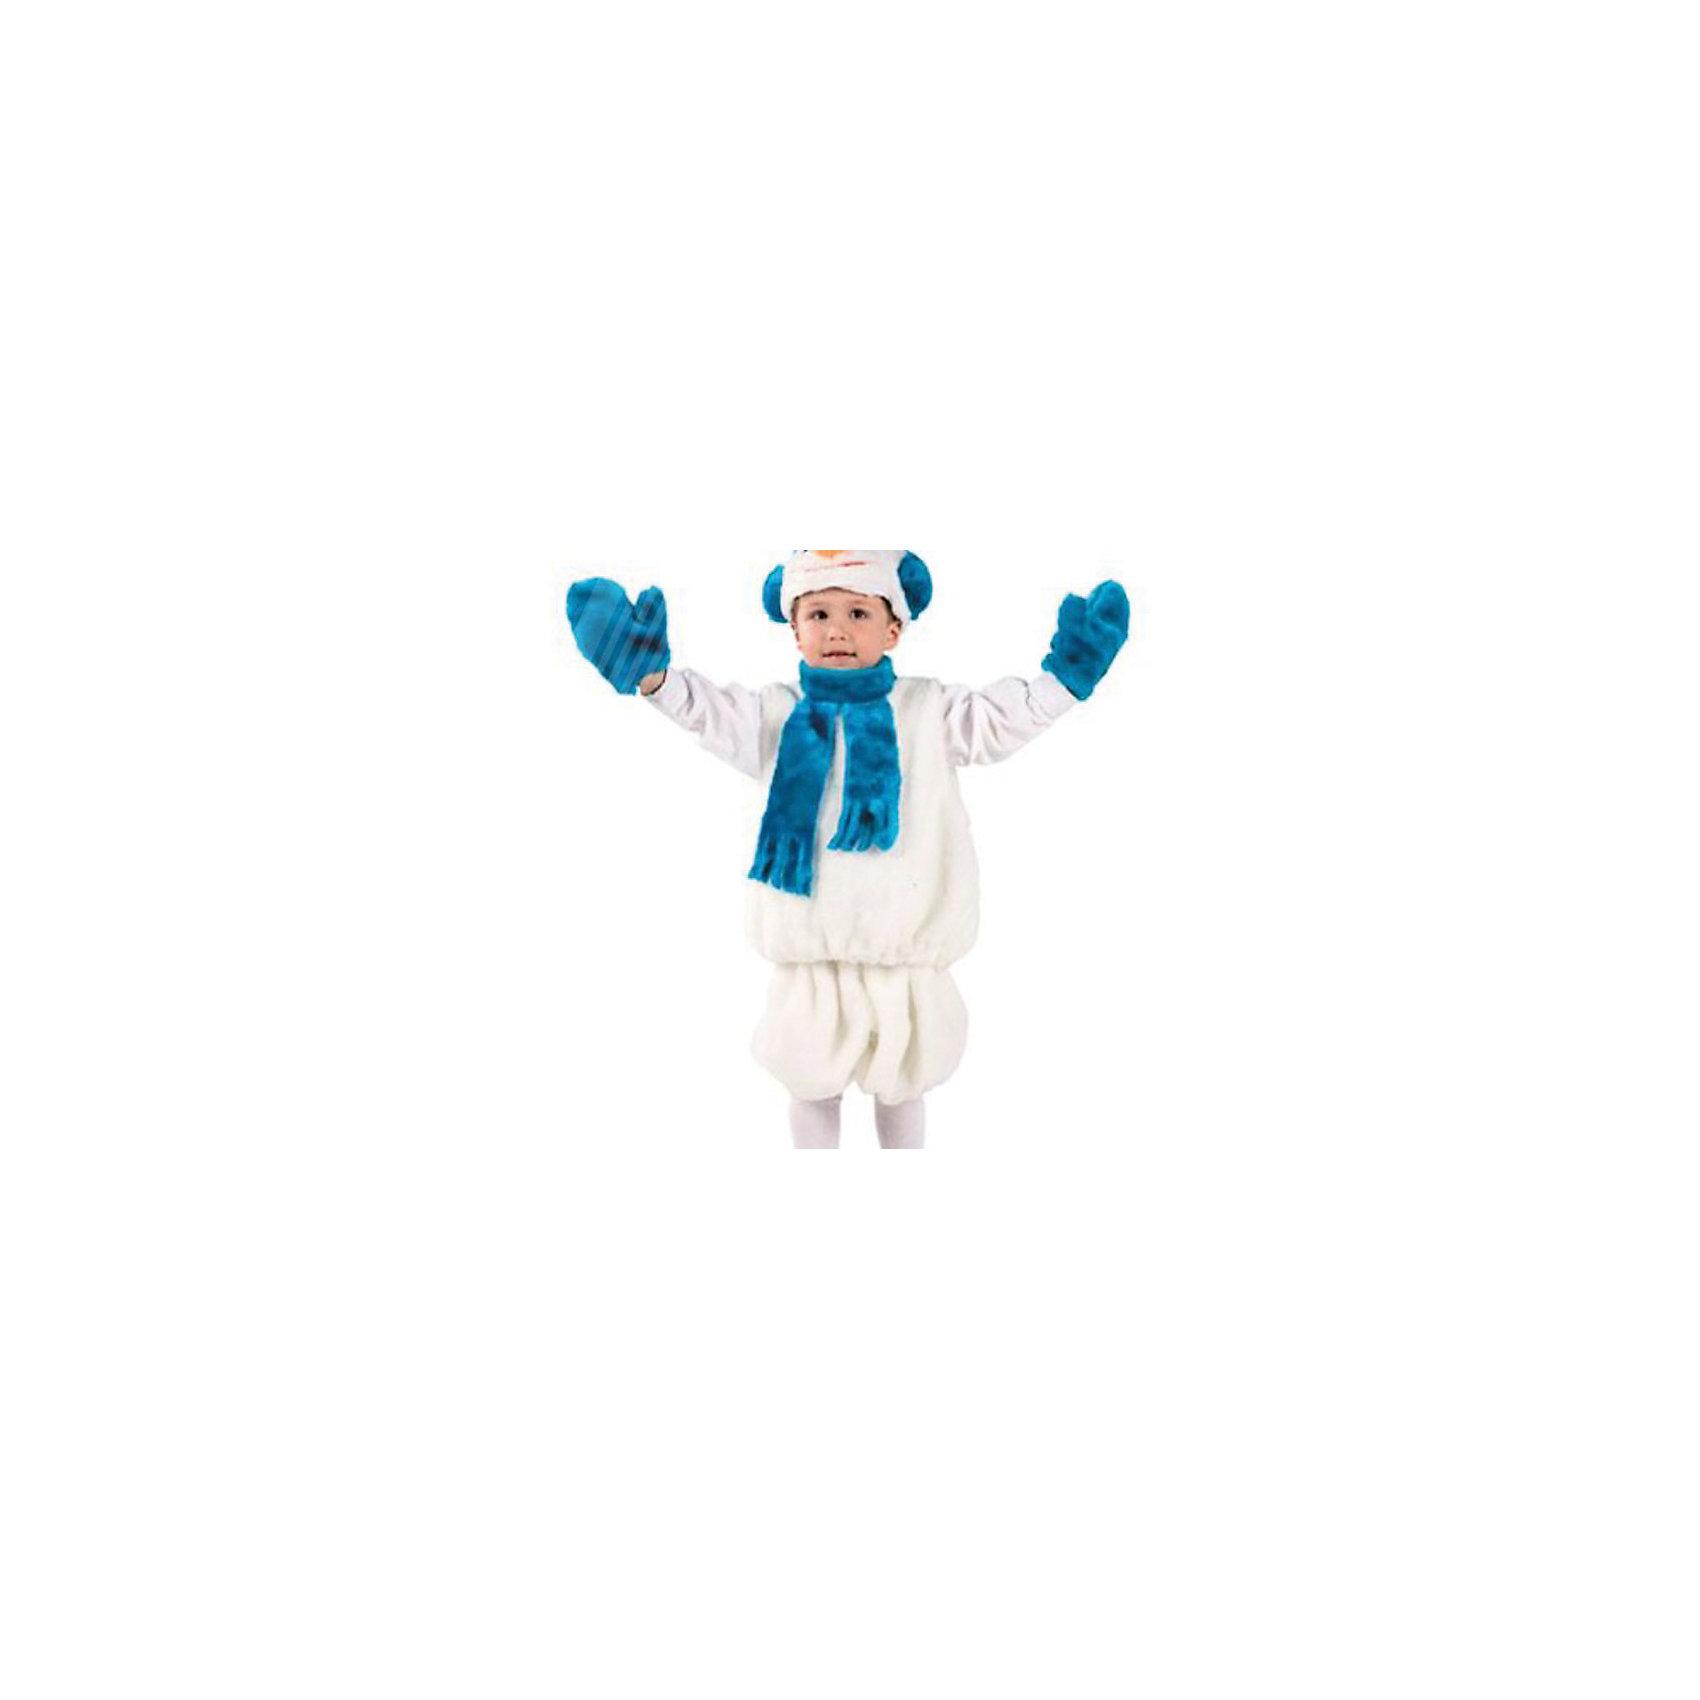 Карнавальный костюм Снеговик (мех), БатикМаски и карнавальные костюмы<br>Карнавальный костюм Снеговик (мех), Батик<br><br>Характеристики:<br><br>• Материал:  мех искусственный, волокно полиэфирное, полотно трикотажное. <br>• Цвет: белый, синий.<br>• В комплект входит: маска, безрукавка, шорты, варежки.<br><br>Какое же новогоднее приключение без забавного снеговика? Карнавальный костюм Снеговик от Батик, поможет вашему ребенку создать образ веселого и забавного снеговика. Любой мальчик в костюмчике Снеговик будет располагать к себе внимание на любом детском празднике или спектакле. Костюм состоит из забавных и белоснежных объёмных шорт, объёмной безрукавки и ярким синим шарфом, маска в виде головы снеговика белого цвета и синего цвета варежки. Обязательный атрибут Снеговика- это нос- морковка на маске. Весь костюмчик выполнен из качественного искусственного меха из серии Батик-Мех.<br><br>Карнавальный костюм Снеговик (мех), Батик, можно купить в нашем интернет-магазине!<br><br>Ширина мм: 500<br>Глубина мм: 50<br>Высота мм: 700<br>Вес г: 600<br>Цвет: разноцветный<br>Возраст от месяцев: 48<br>Возраст до месяцев: 60<br>Пол: Мужской<br>Возраст: Детский<br>Размер: 28<br>SKU: 5092499